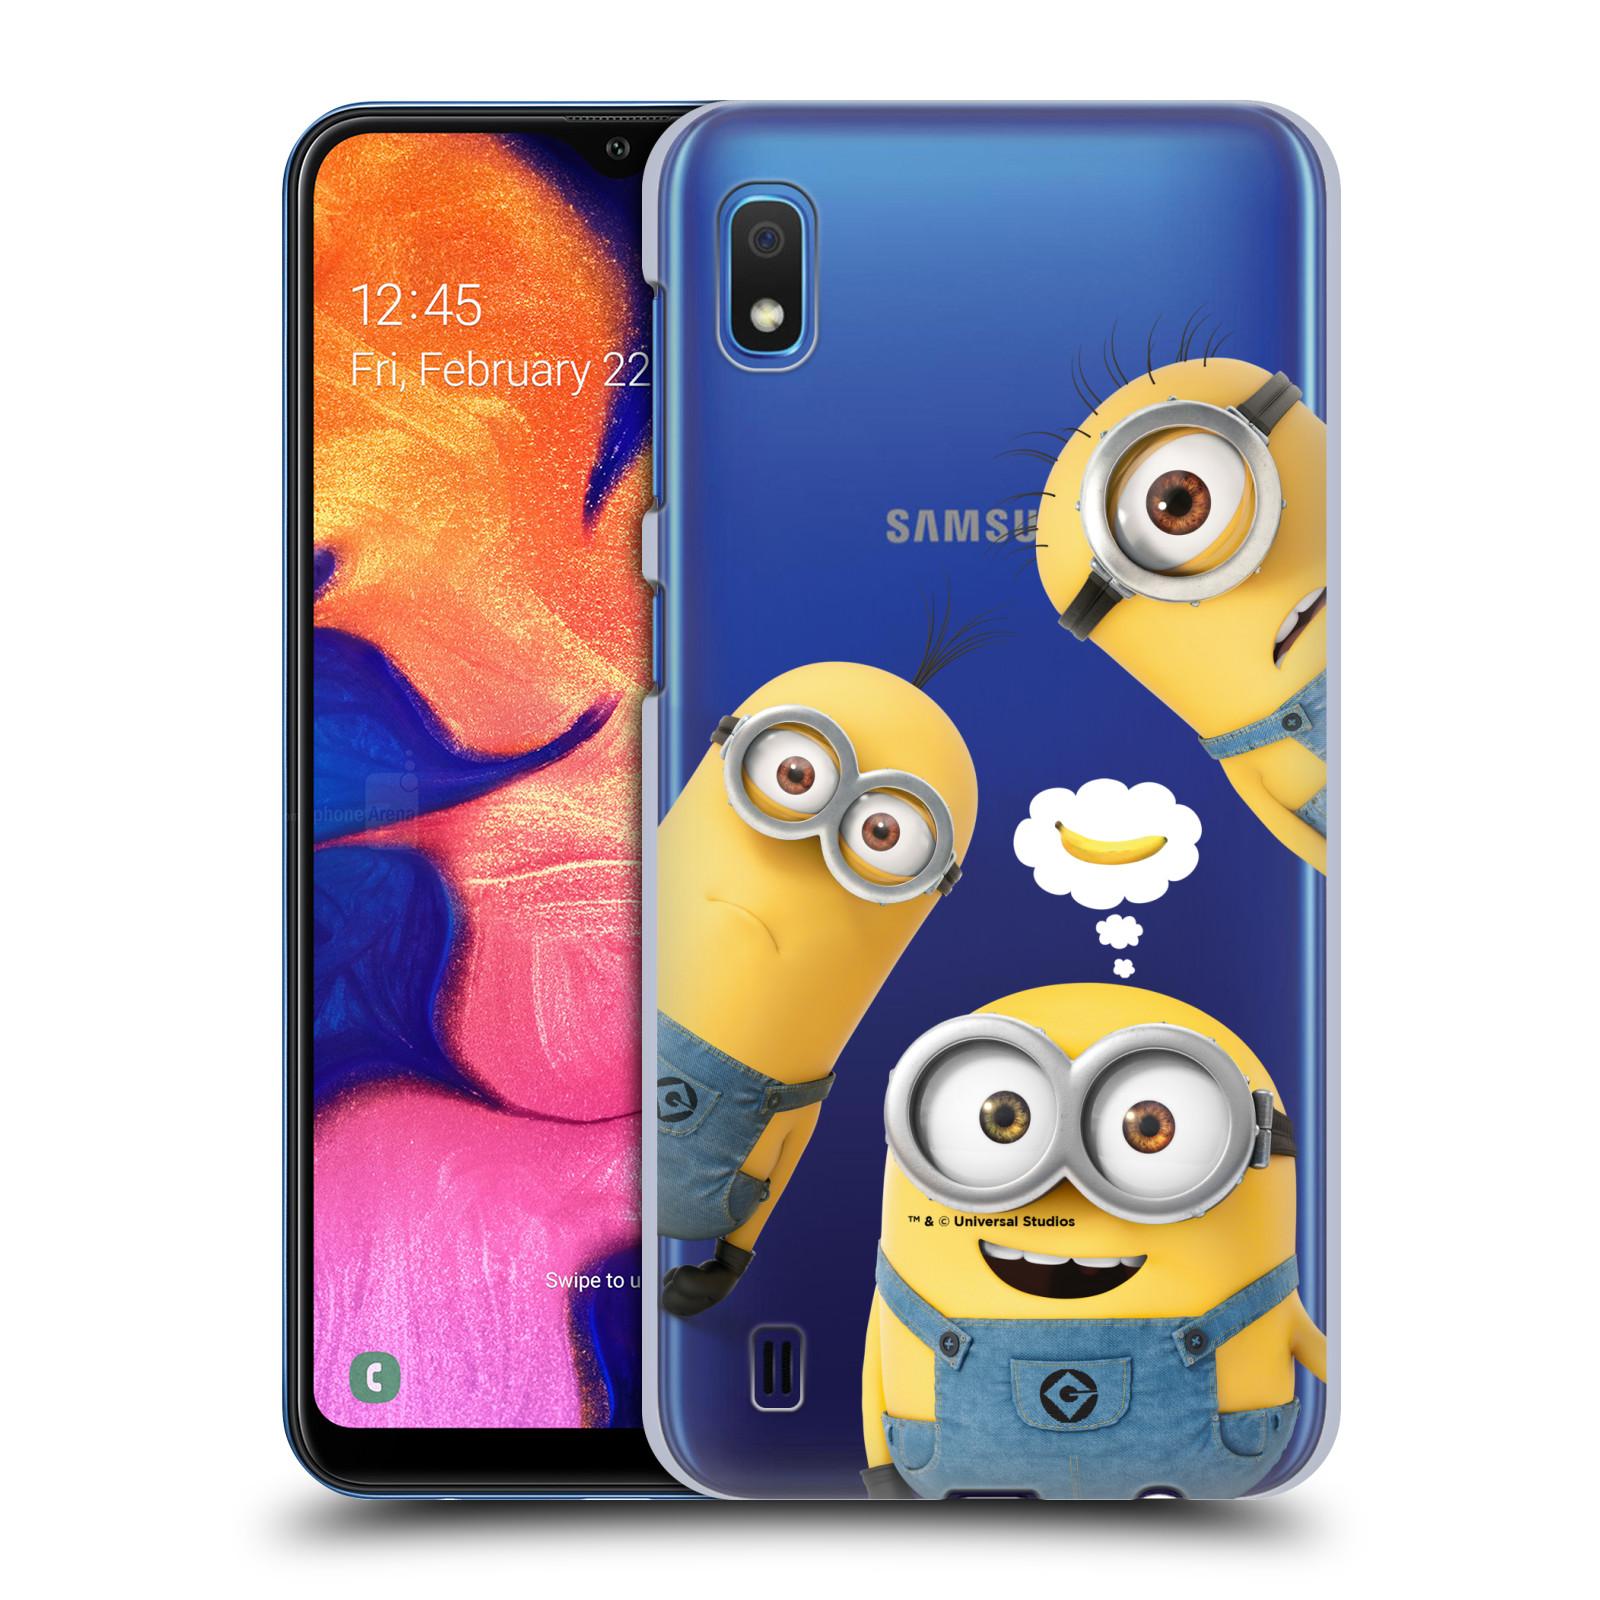 Plastové pouzdro na mobil Samsung Galaxy A10 - Head Case - Mimoni Banana z filmu Já, padouch - Despicable Me